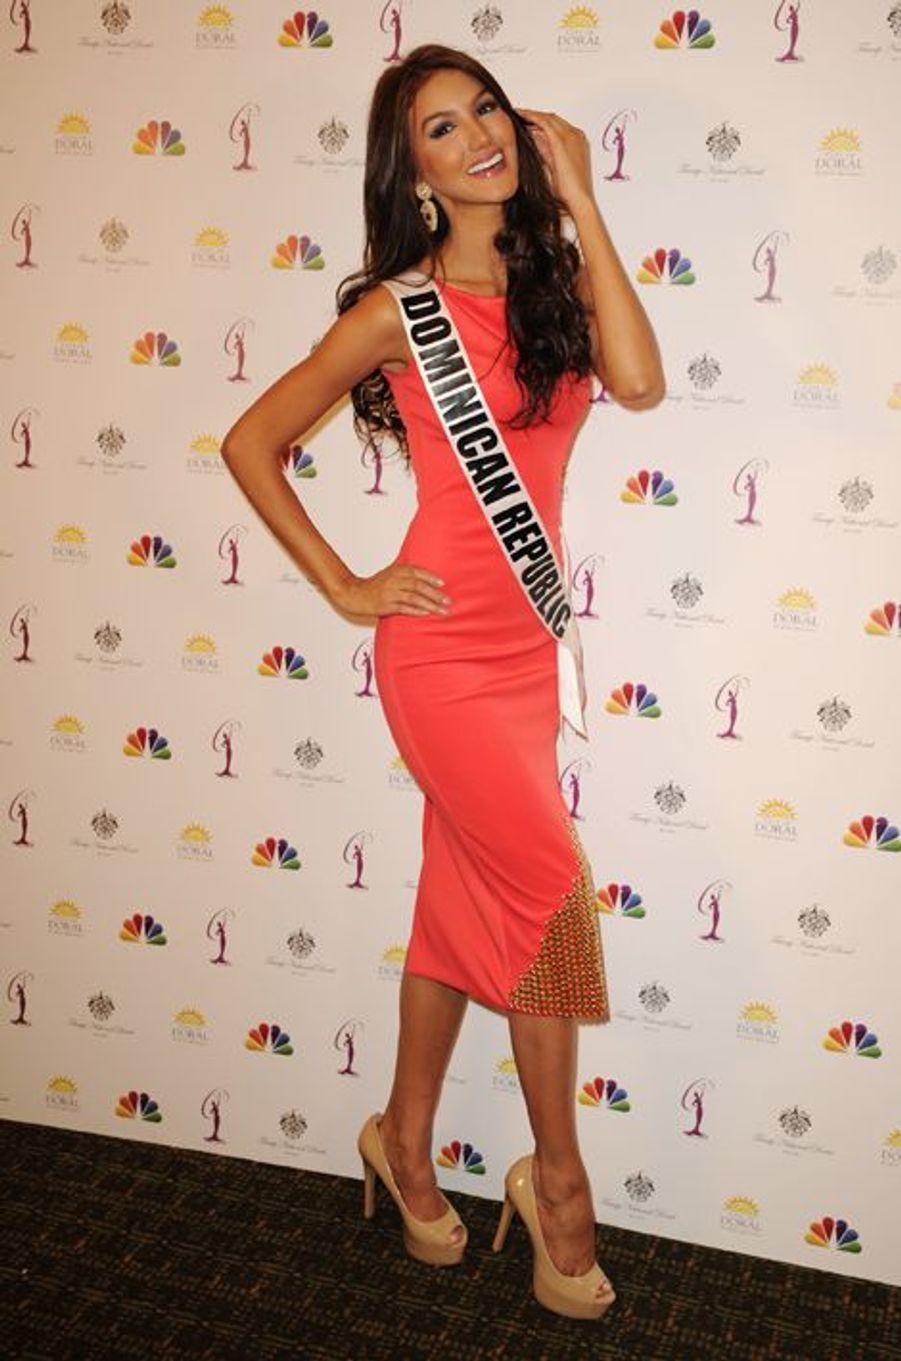 Miss République Dominicaine à la dernière conférence de presse Miss Univers 2015